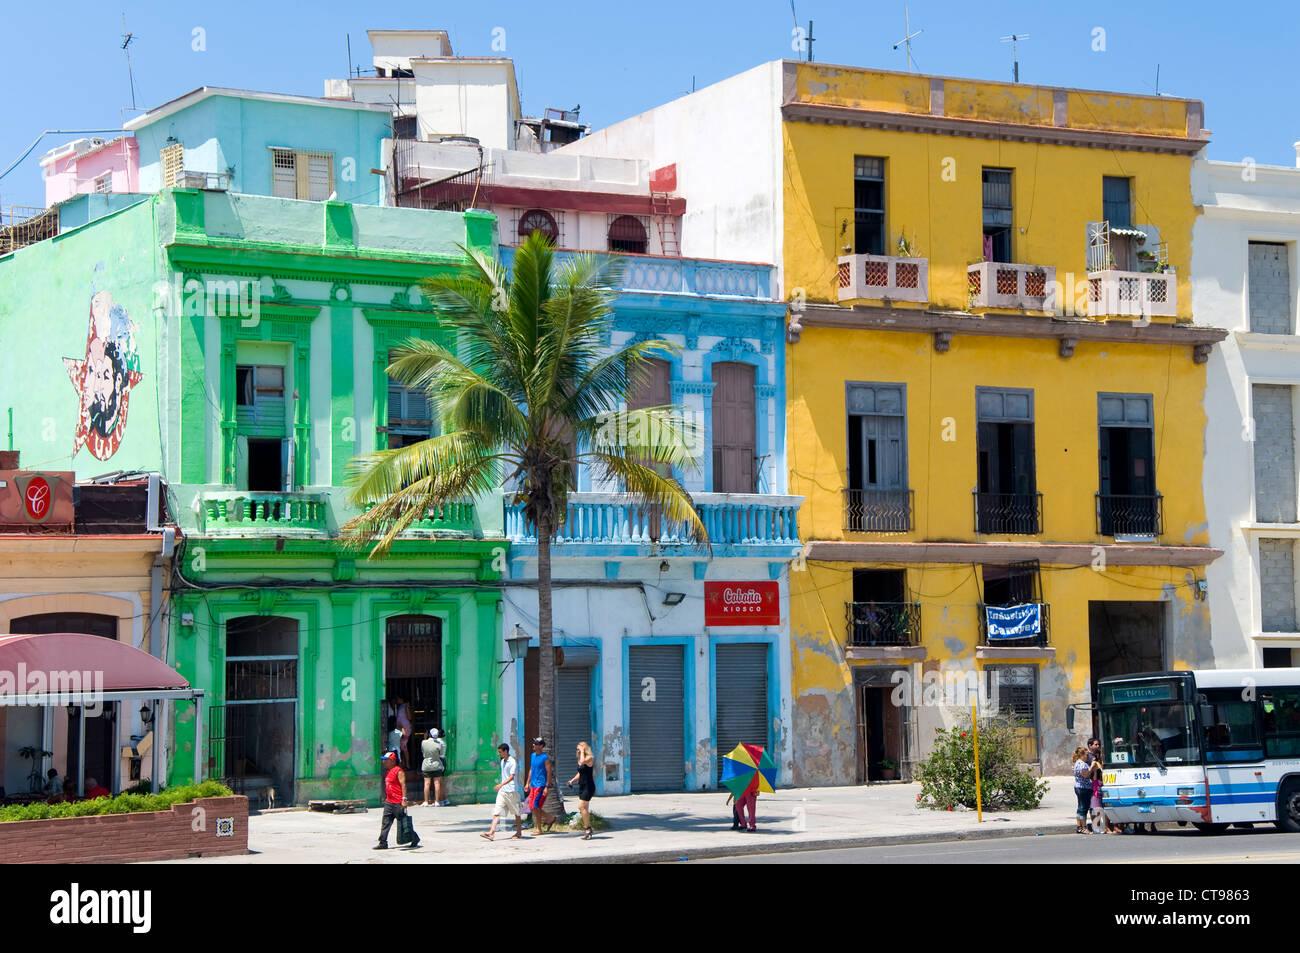 Farbenfrohe Gebäude, La Havanna, Kuba Stockbild